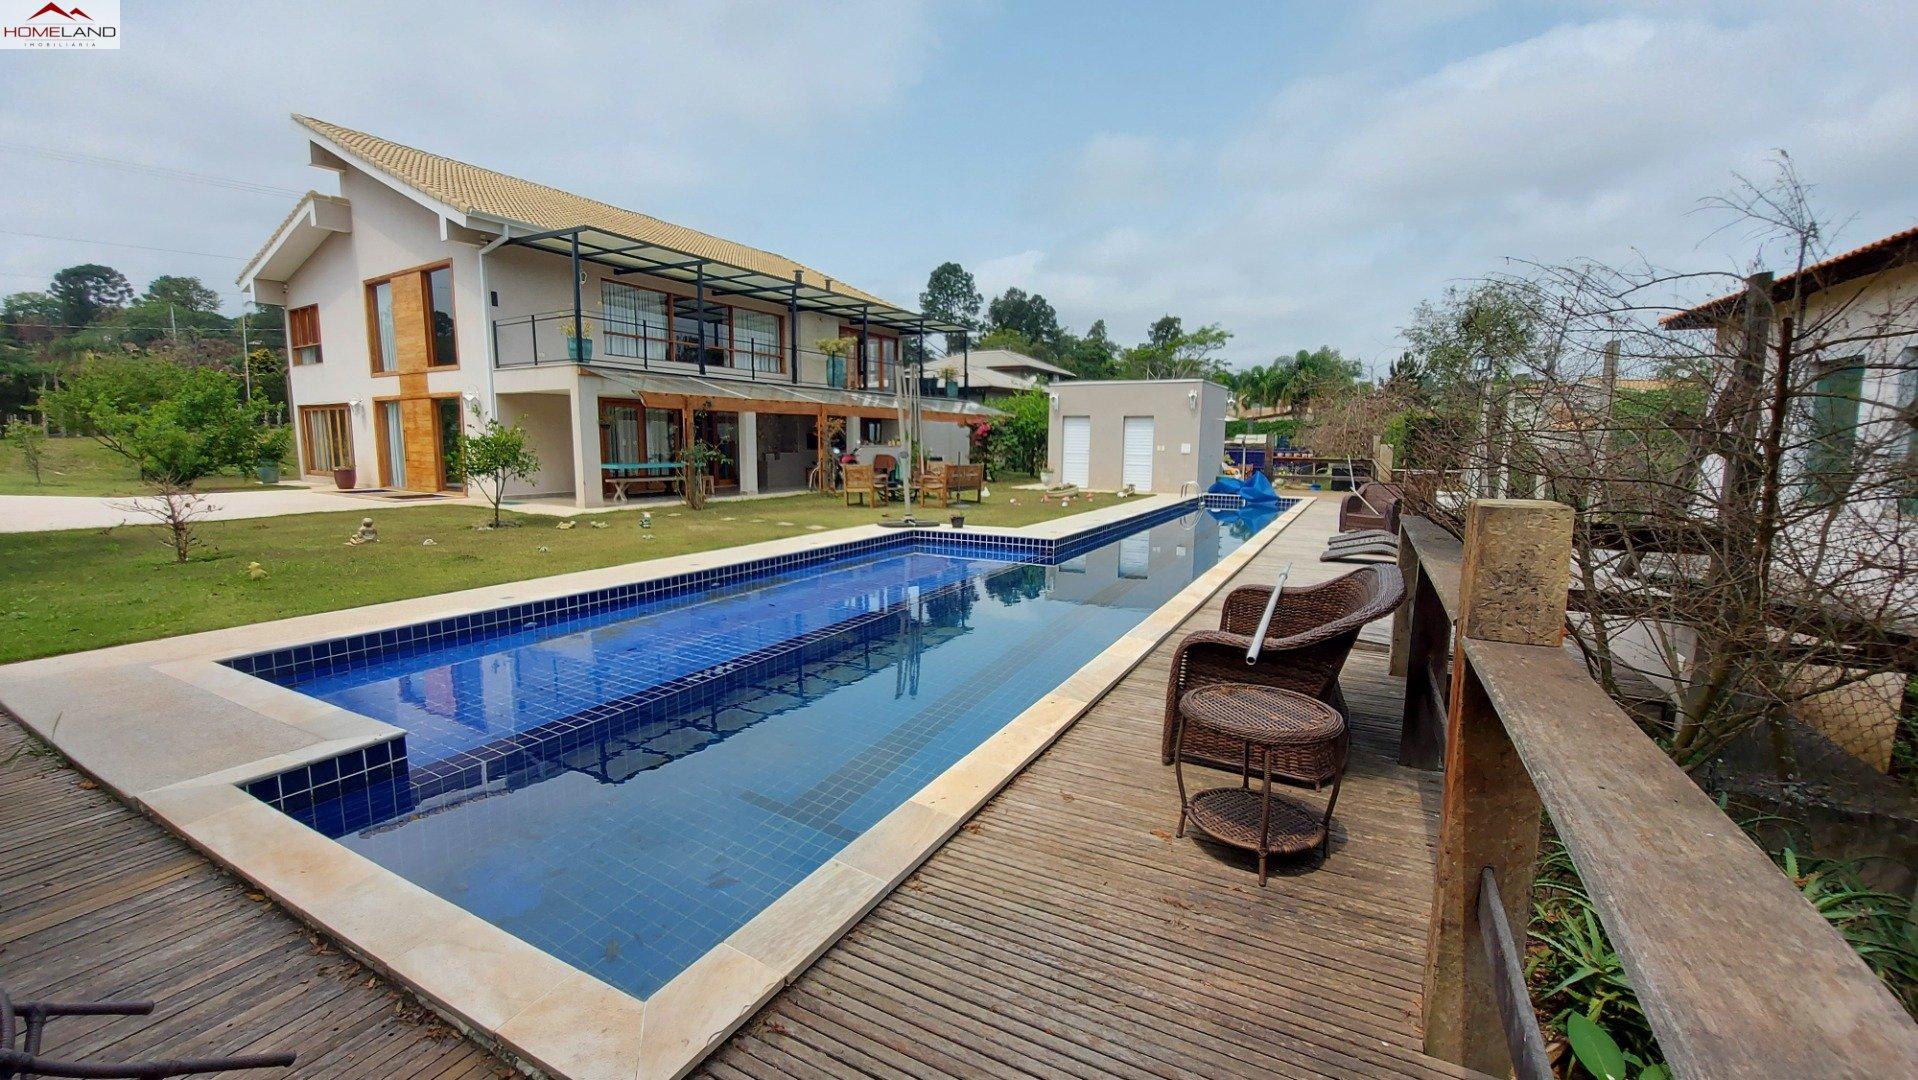 HL-239 Casa com 4 dormitórios a venda no Patrimônio do Carmo R$ 1.880.000